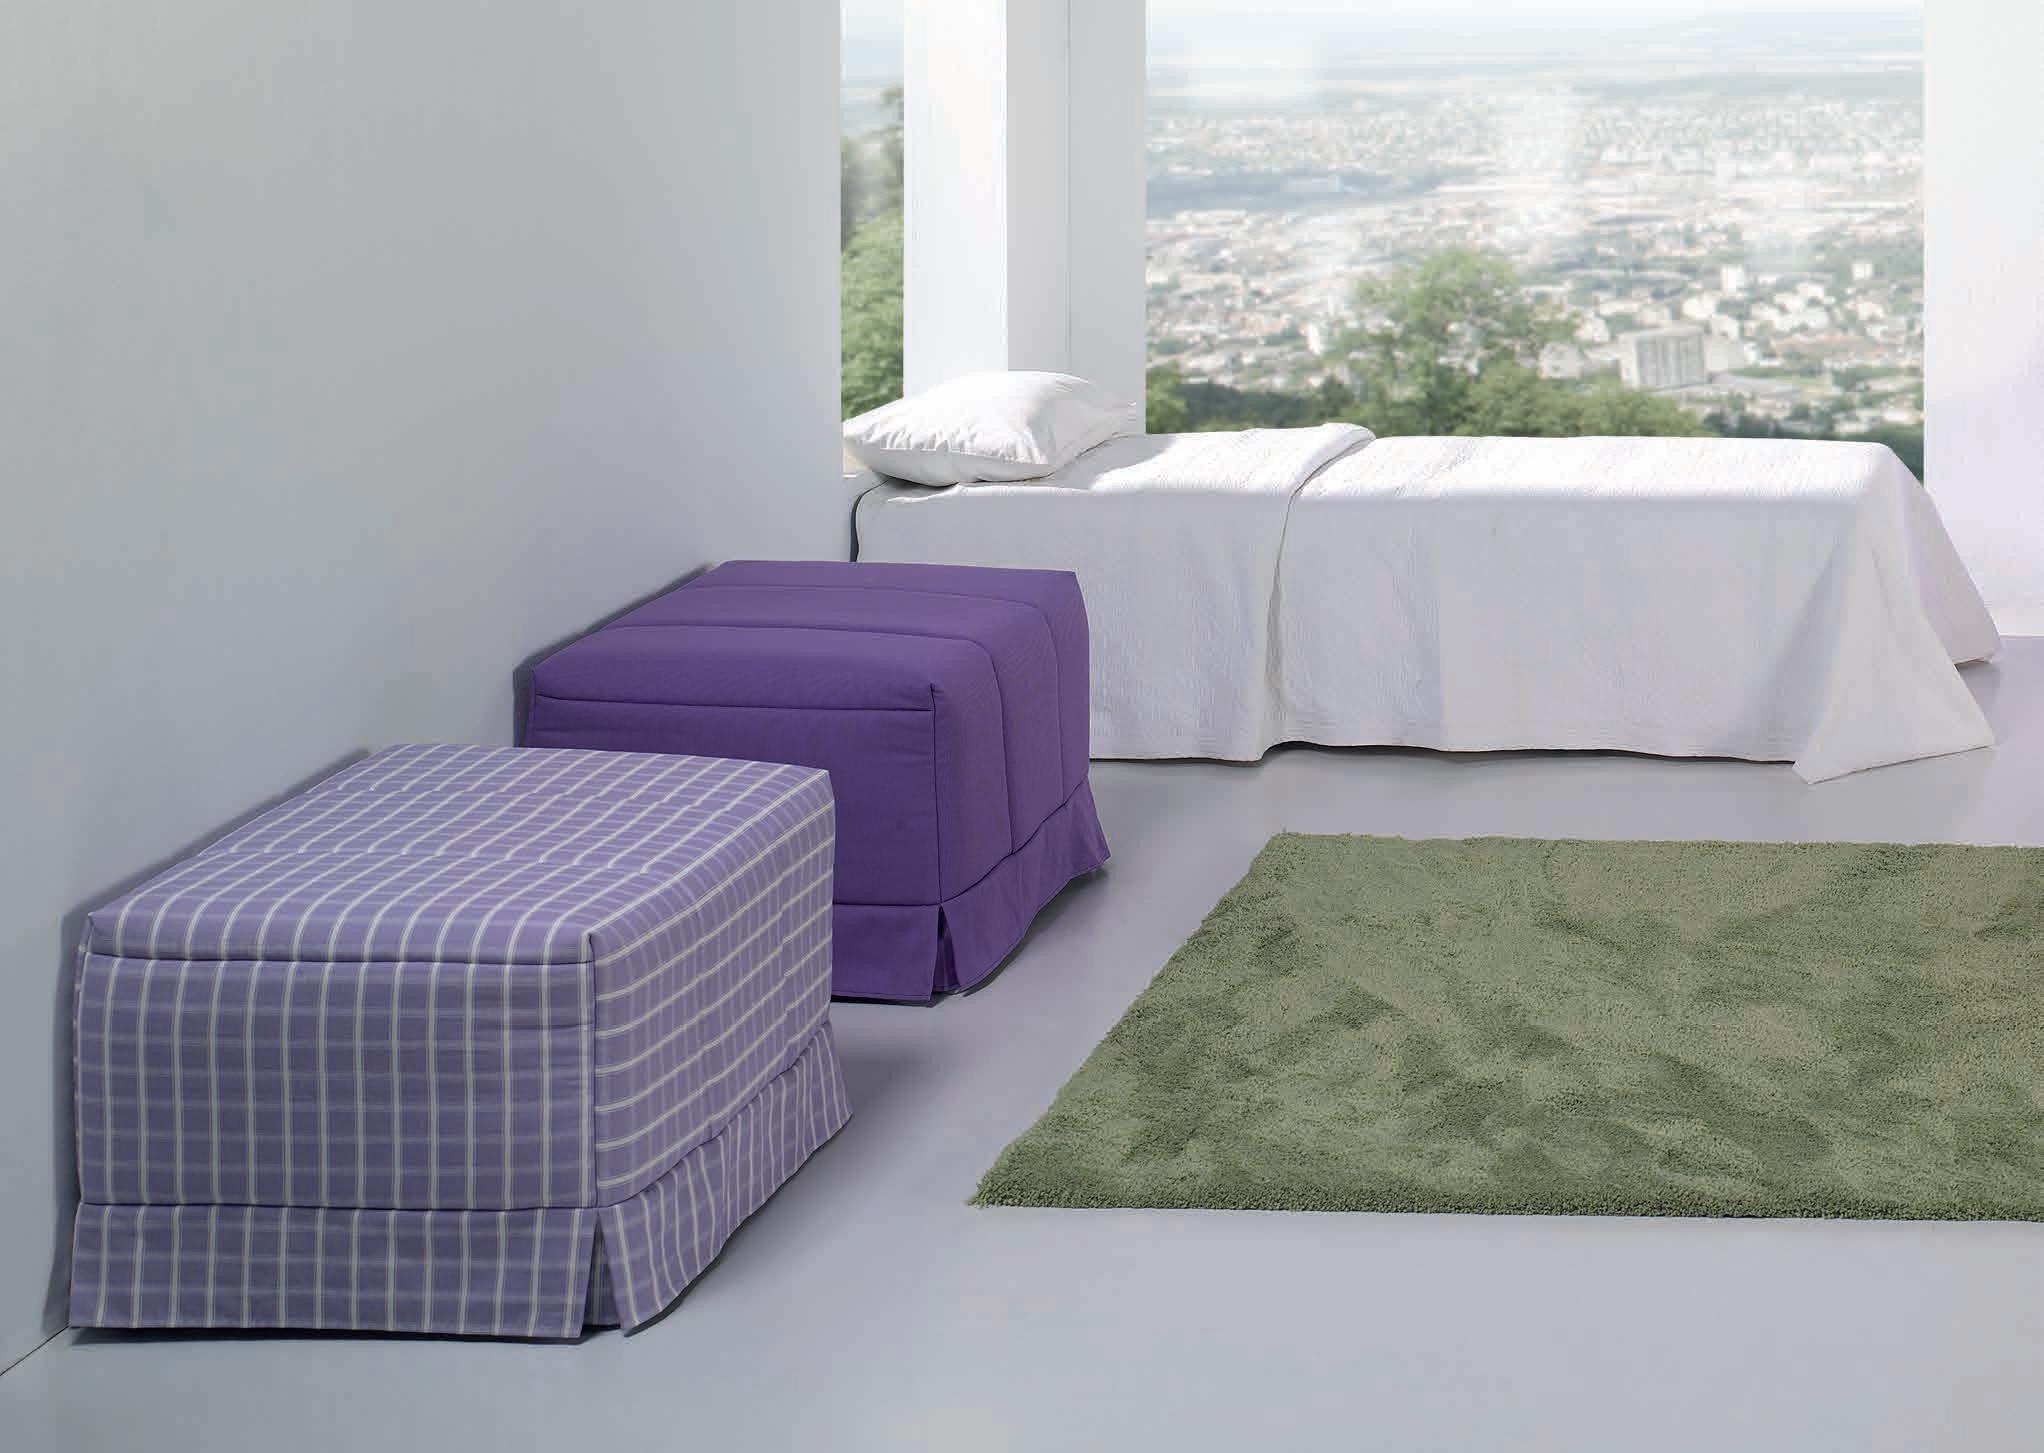 Puffs cama Valencia, Muebles y Decoración Valencia  Tienda